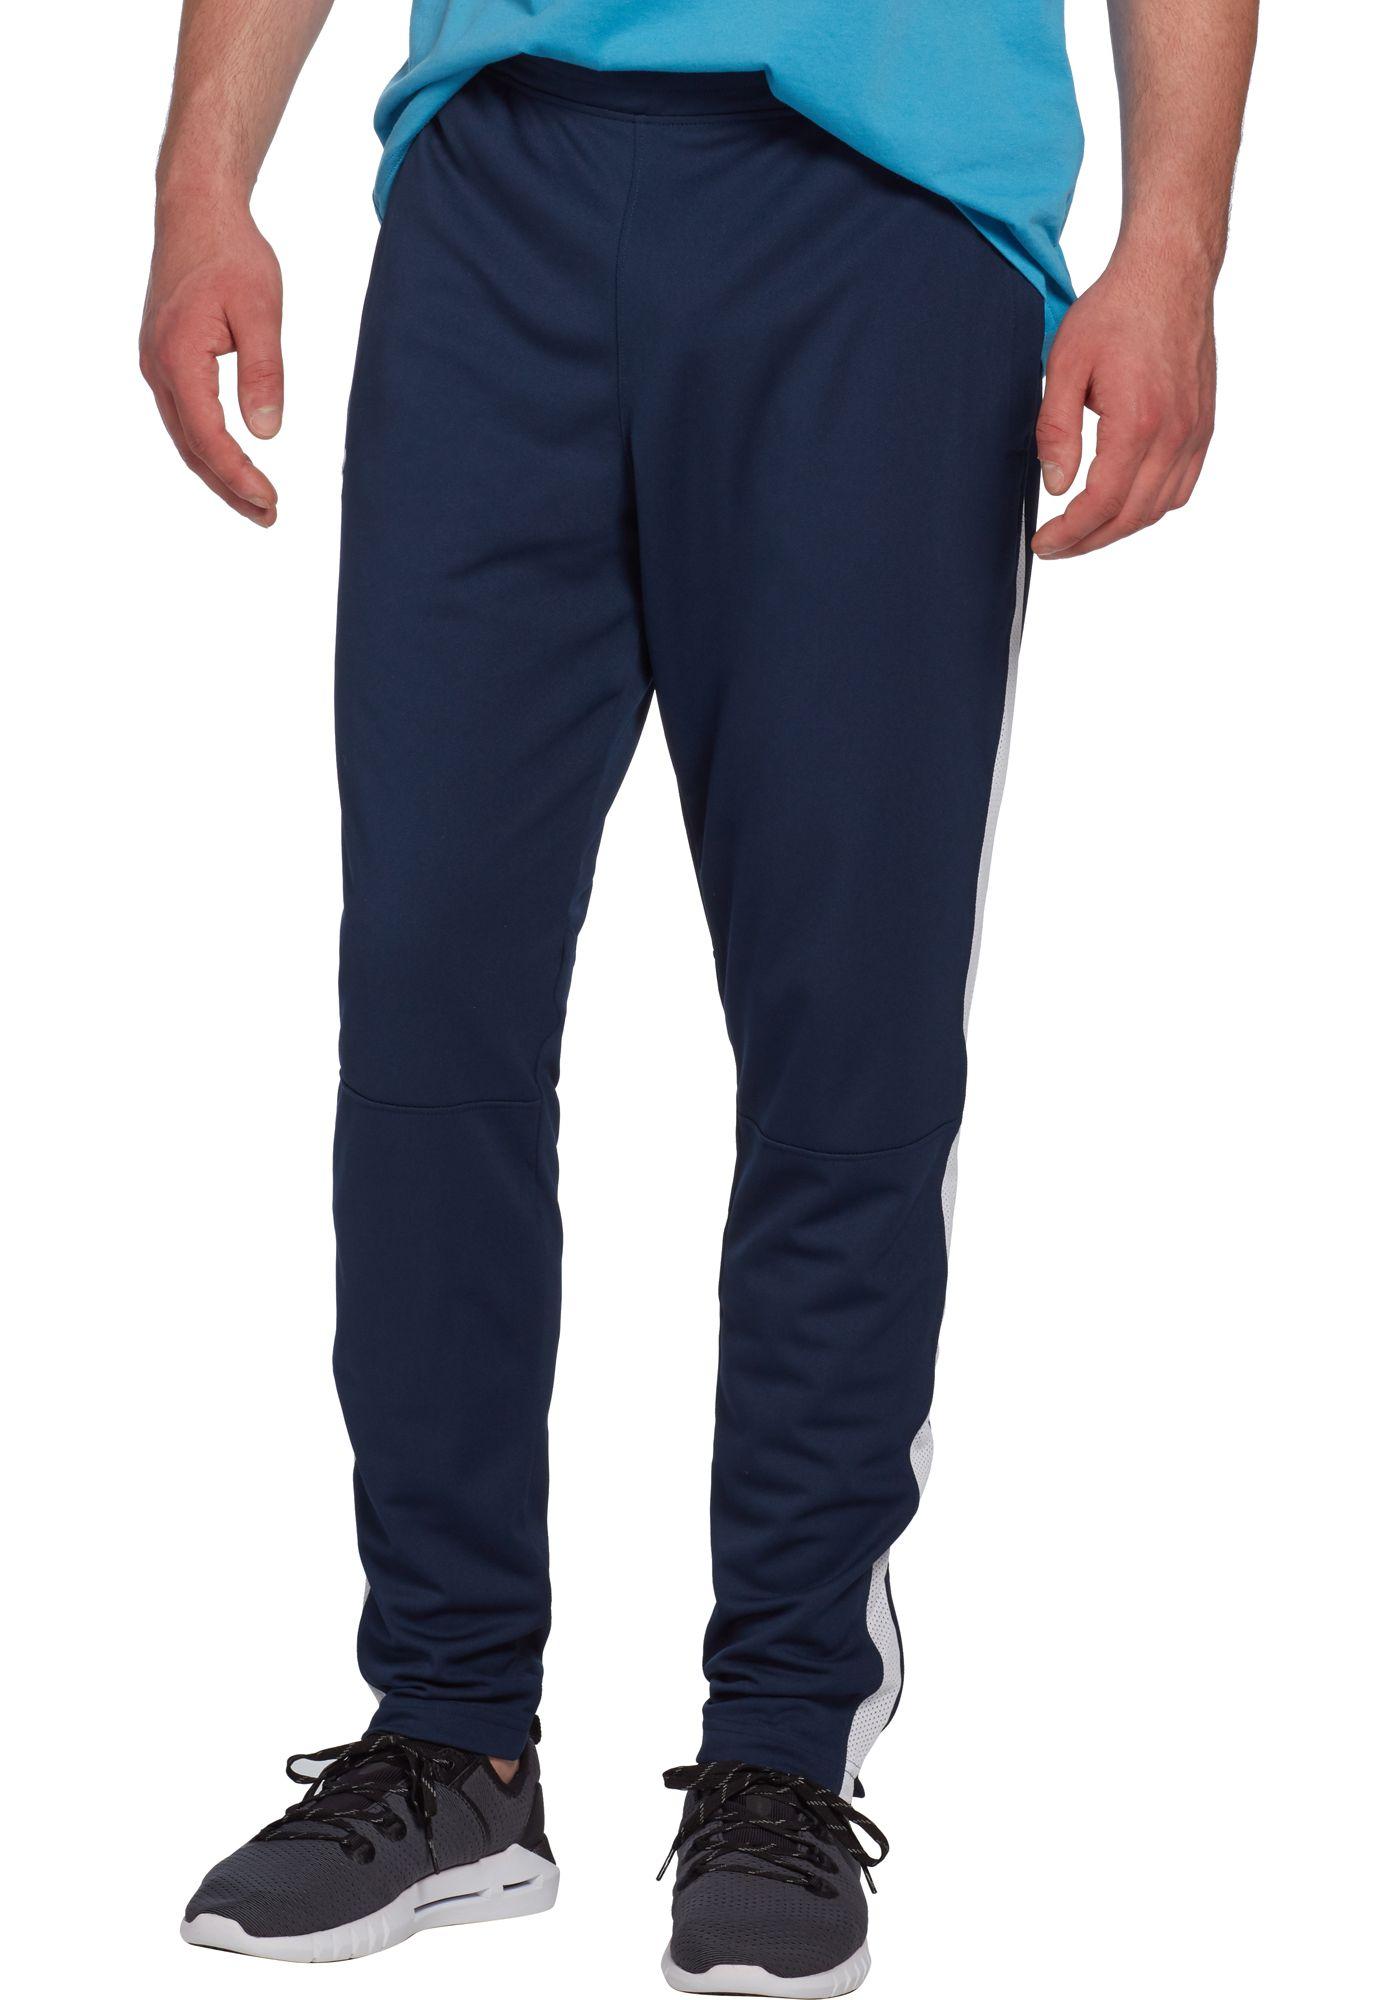 Under Armour Men's Sportstyle Pique Pants